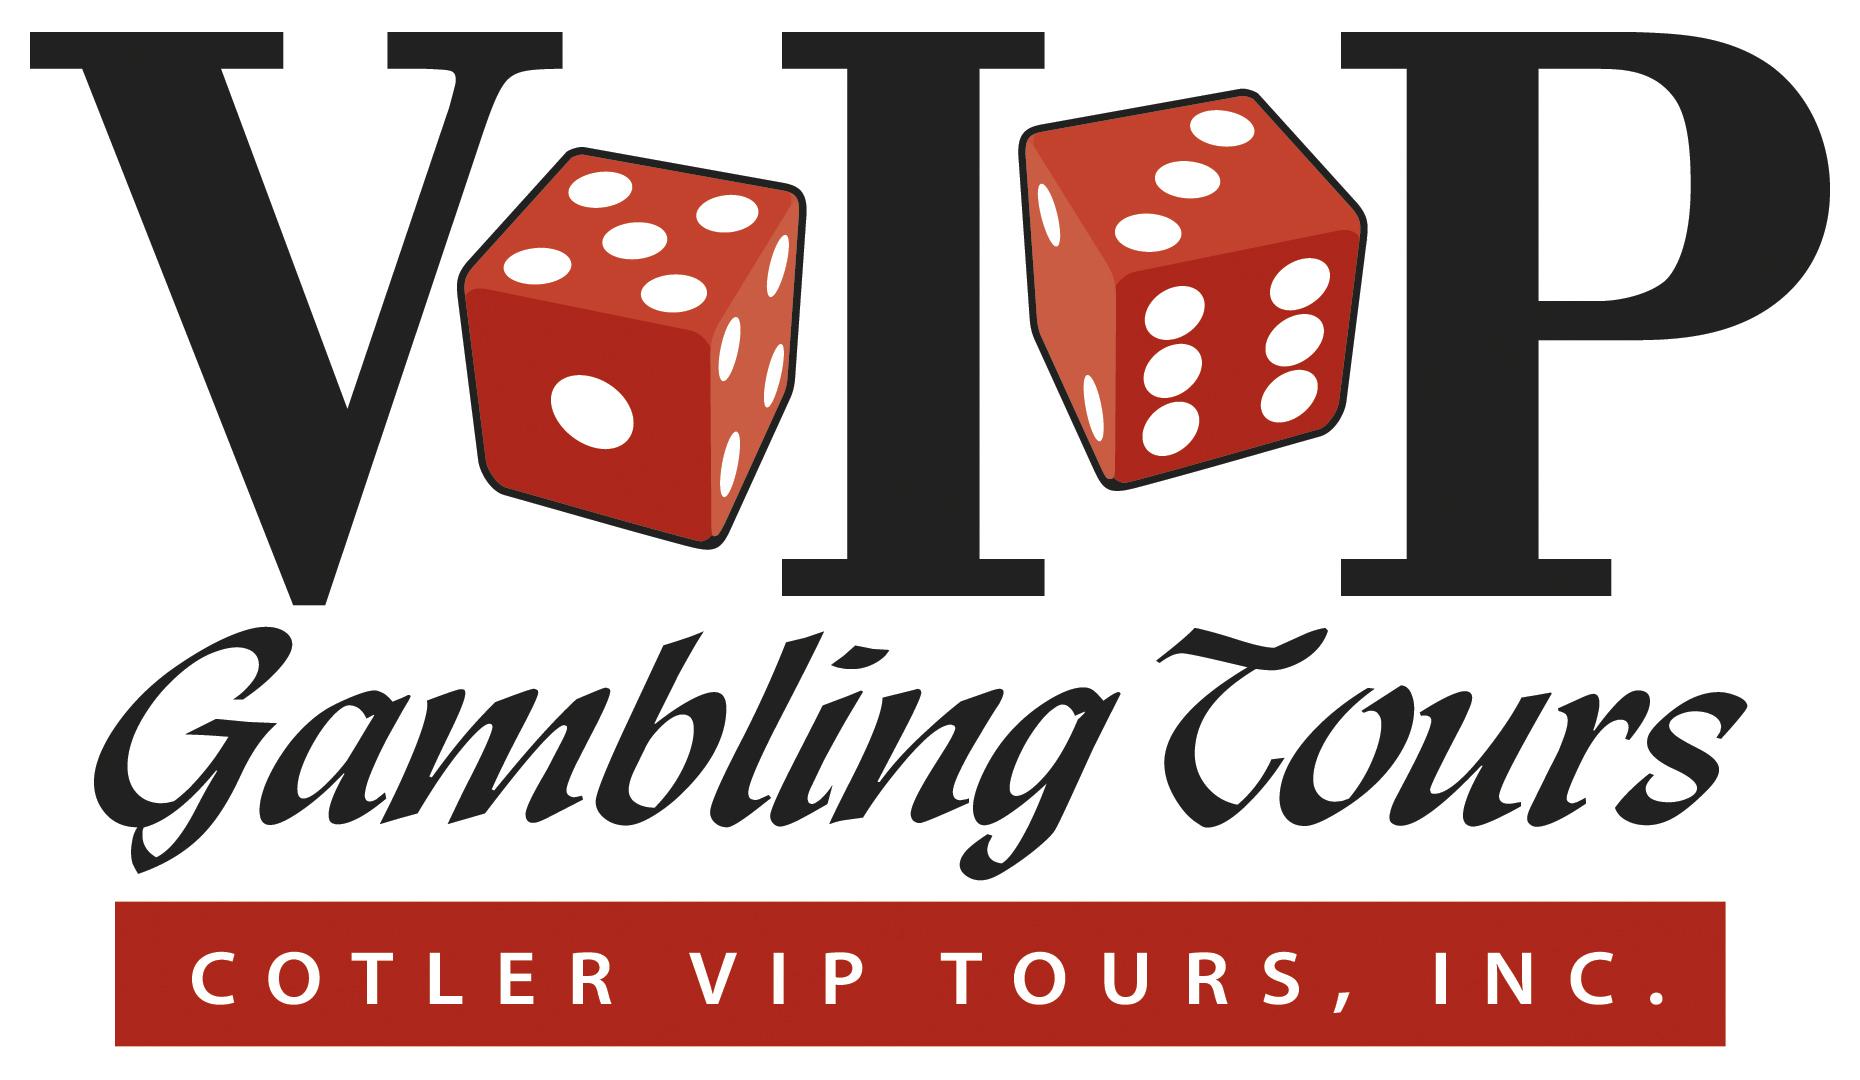 VIP Gambling Tours